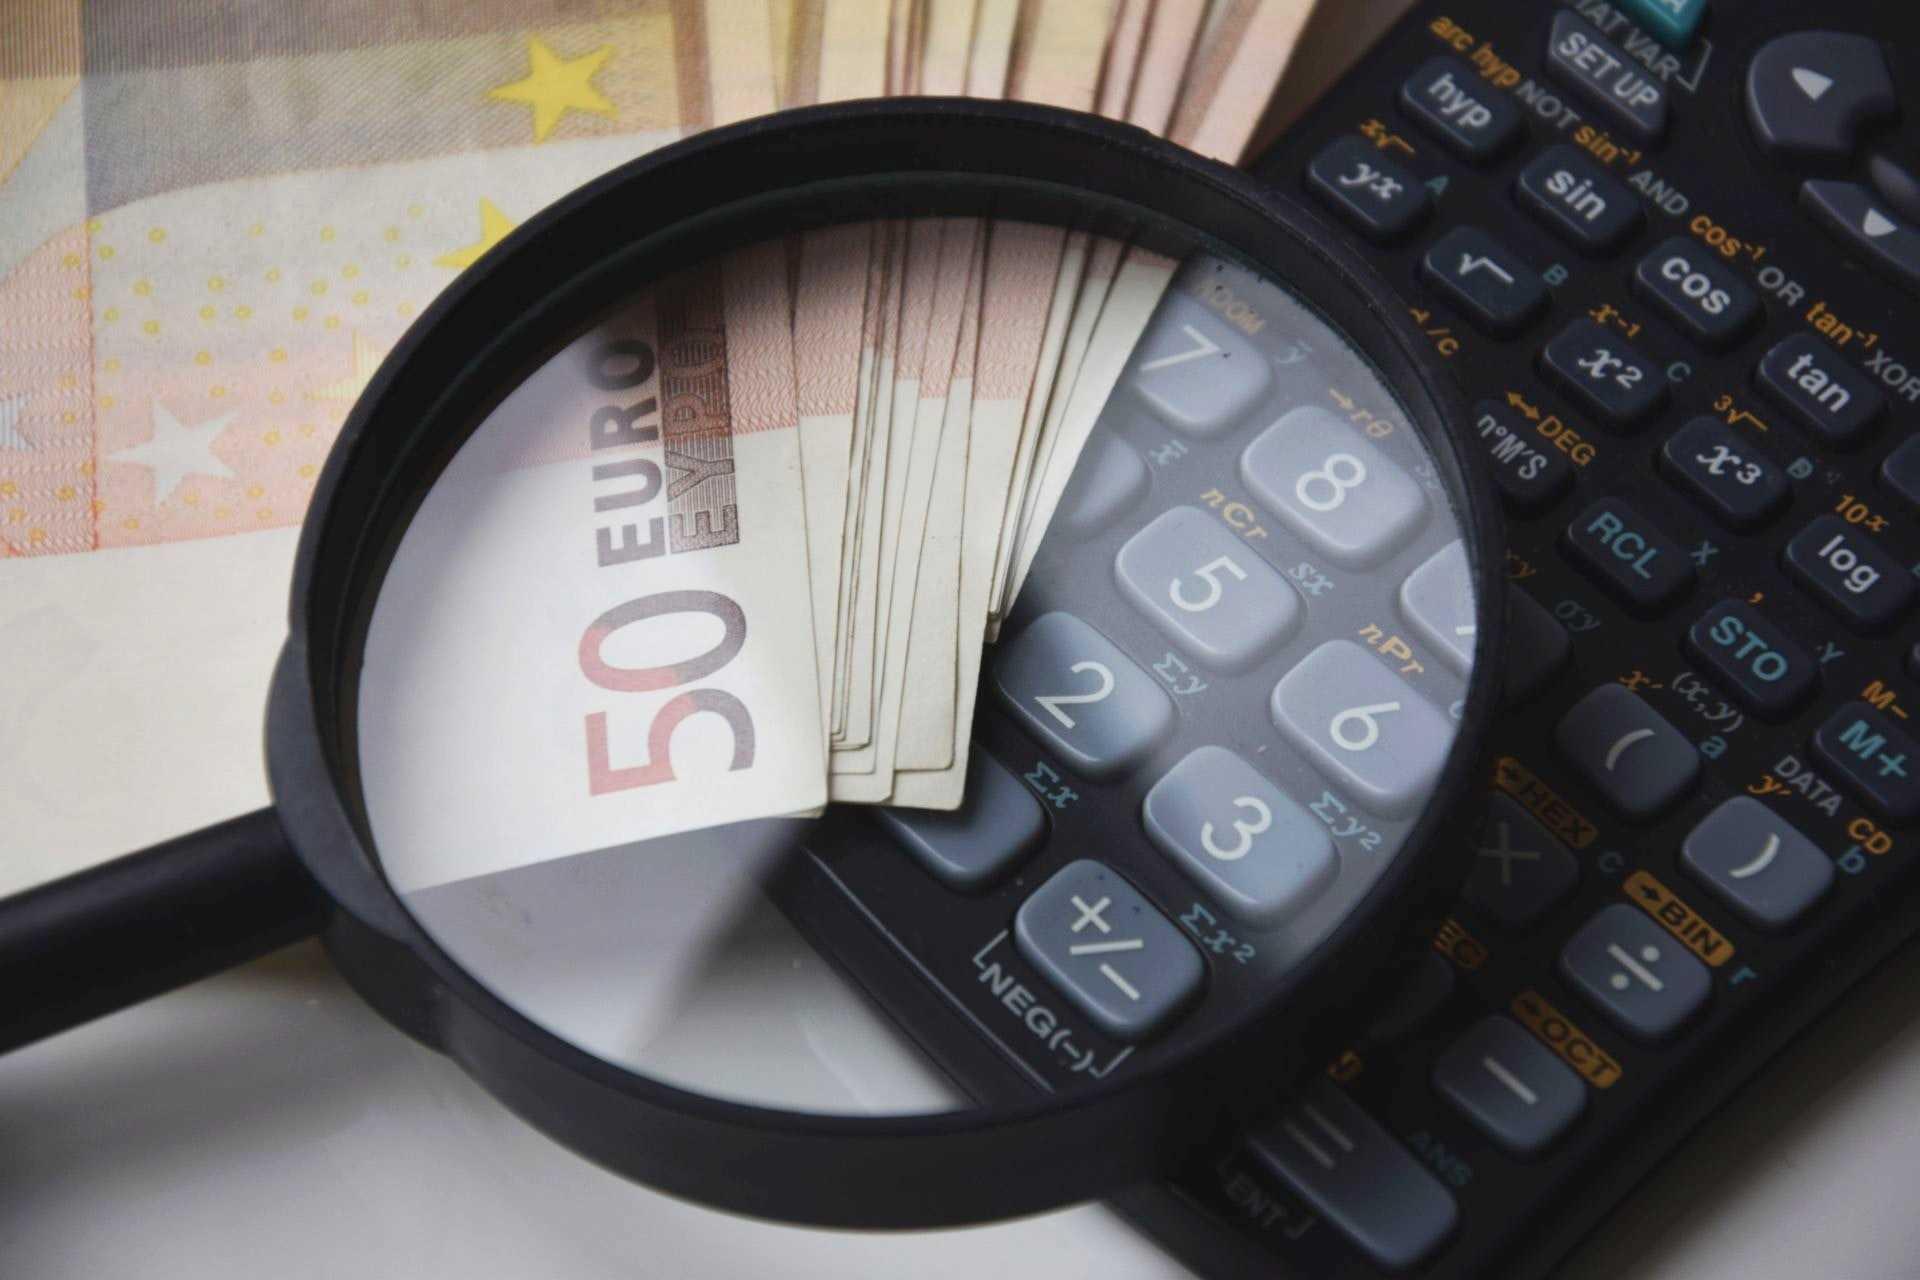 3月金融数据点评:宽信用再迈一步, 将助力经济阶段性企稳